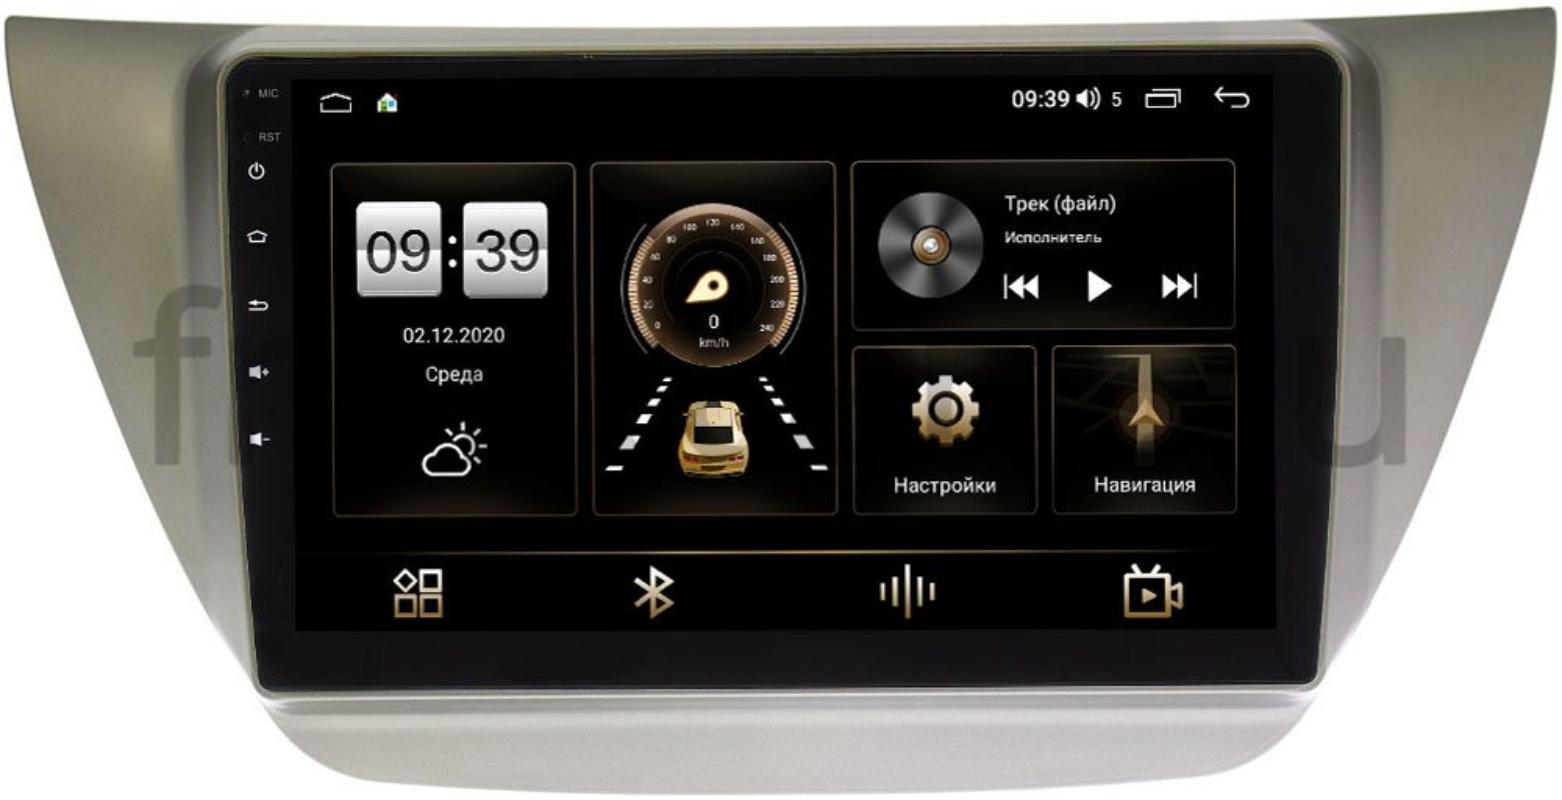 Штатная магнитола LeTrun 4196-9230 для Mitsubishi Lancer IX 2000-2010 (серая) на Android 10 (6/128, DSP, QLed) С оптическим выходом (+ Камера заднего вида в подарок!)